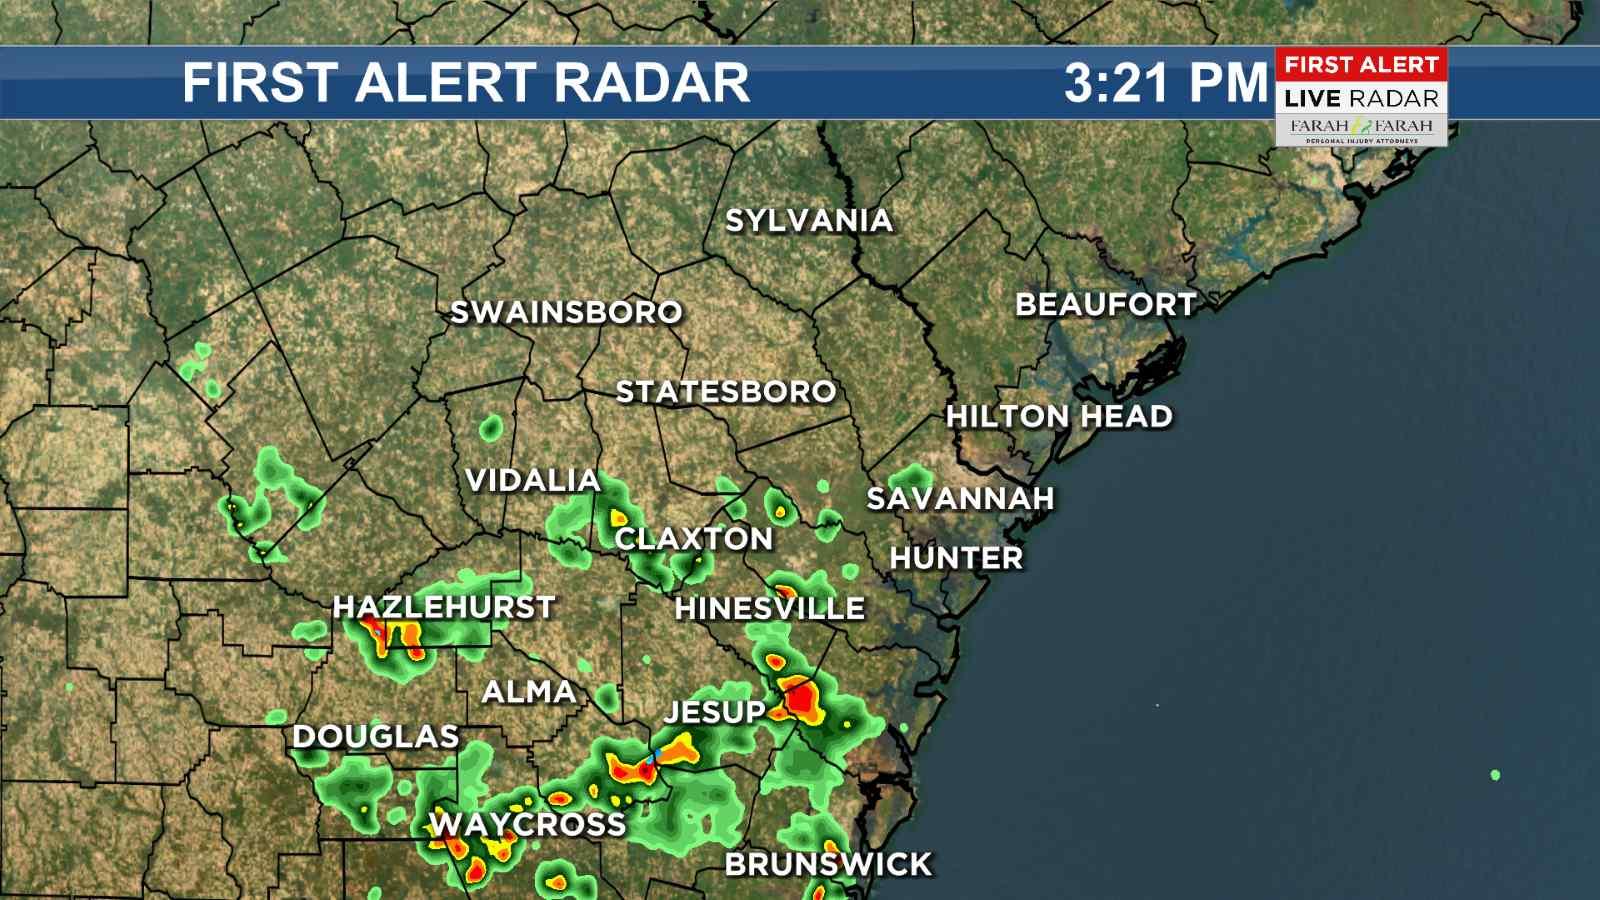 First Alert Radar